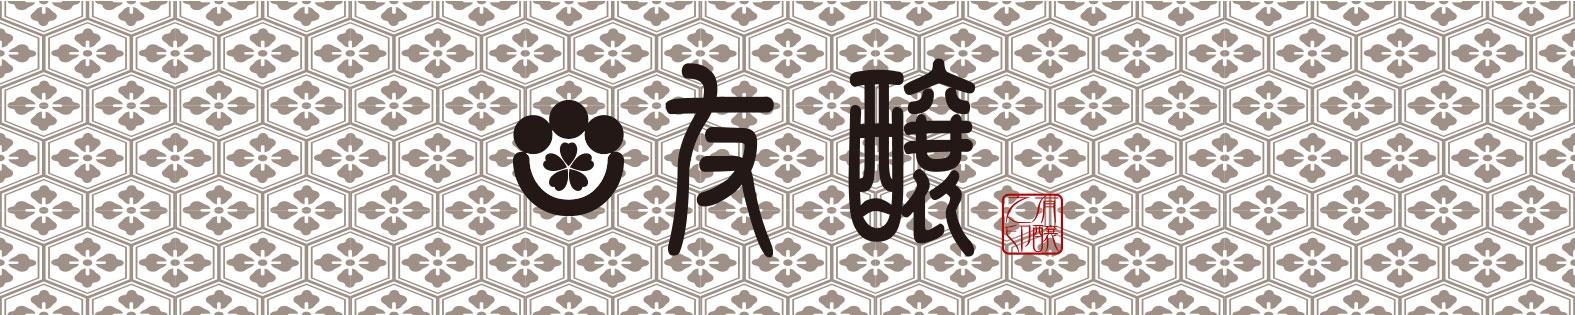 【日本酒】不動 直汲み 吊るししぼり 純米大吟醸 無濾過生原酒 美山錦50 限定 新酒27BY_e0173738_1021249.jpg